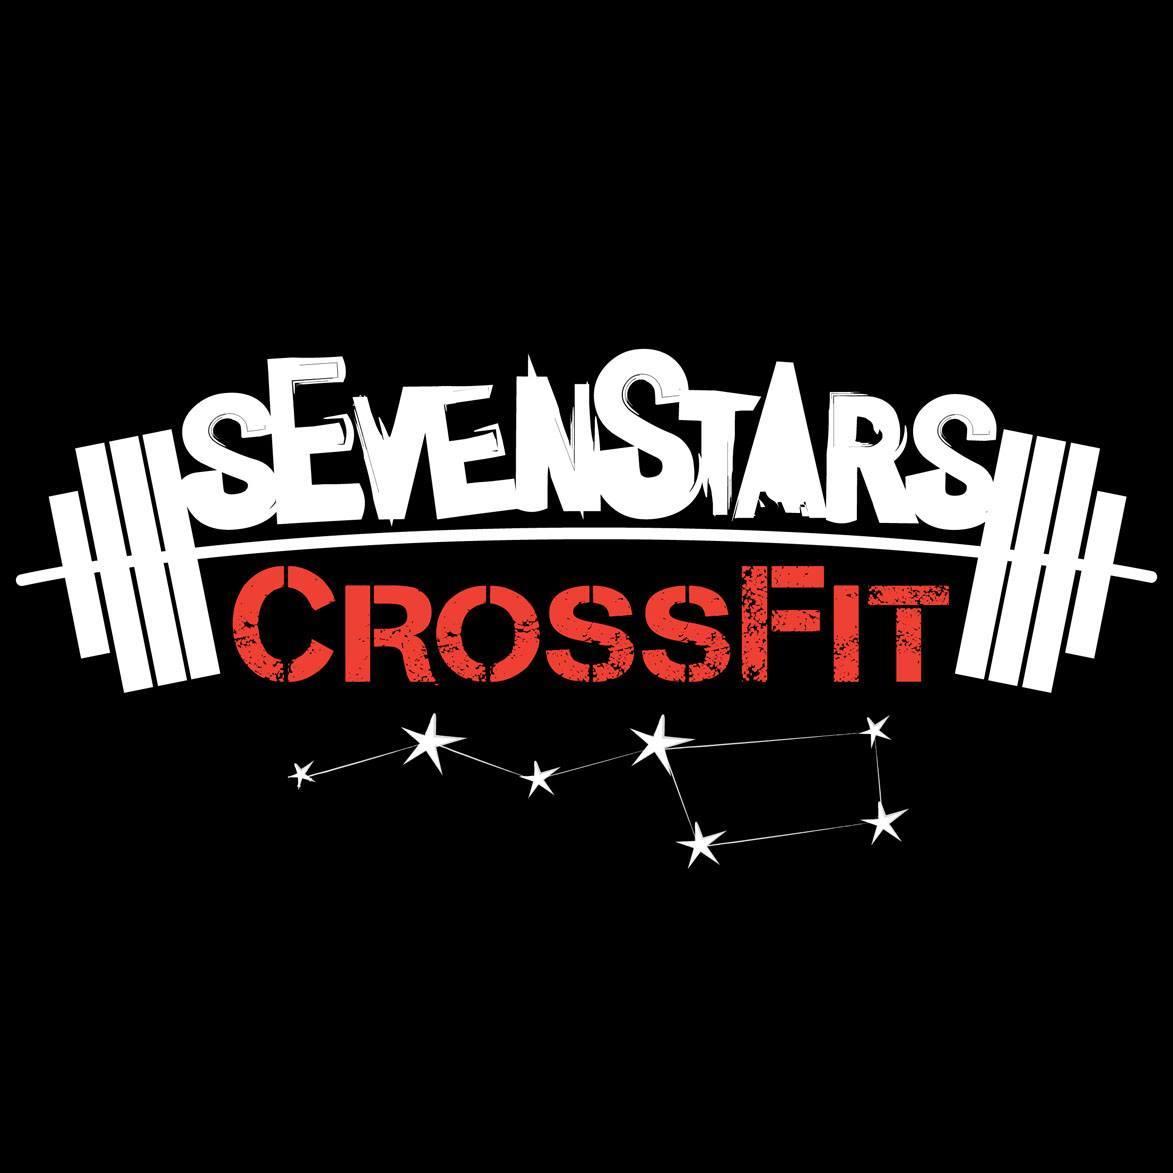 crossfit sevenstars